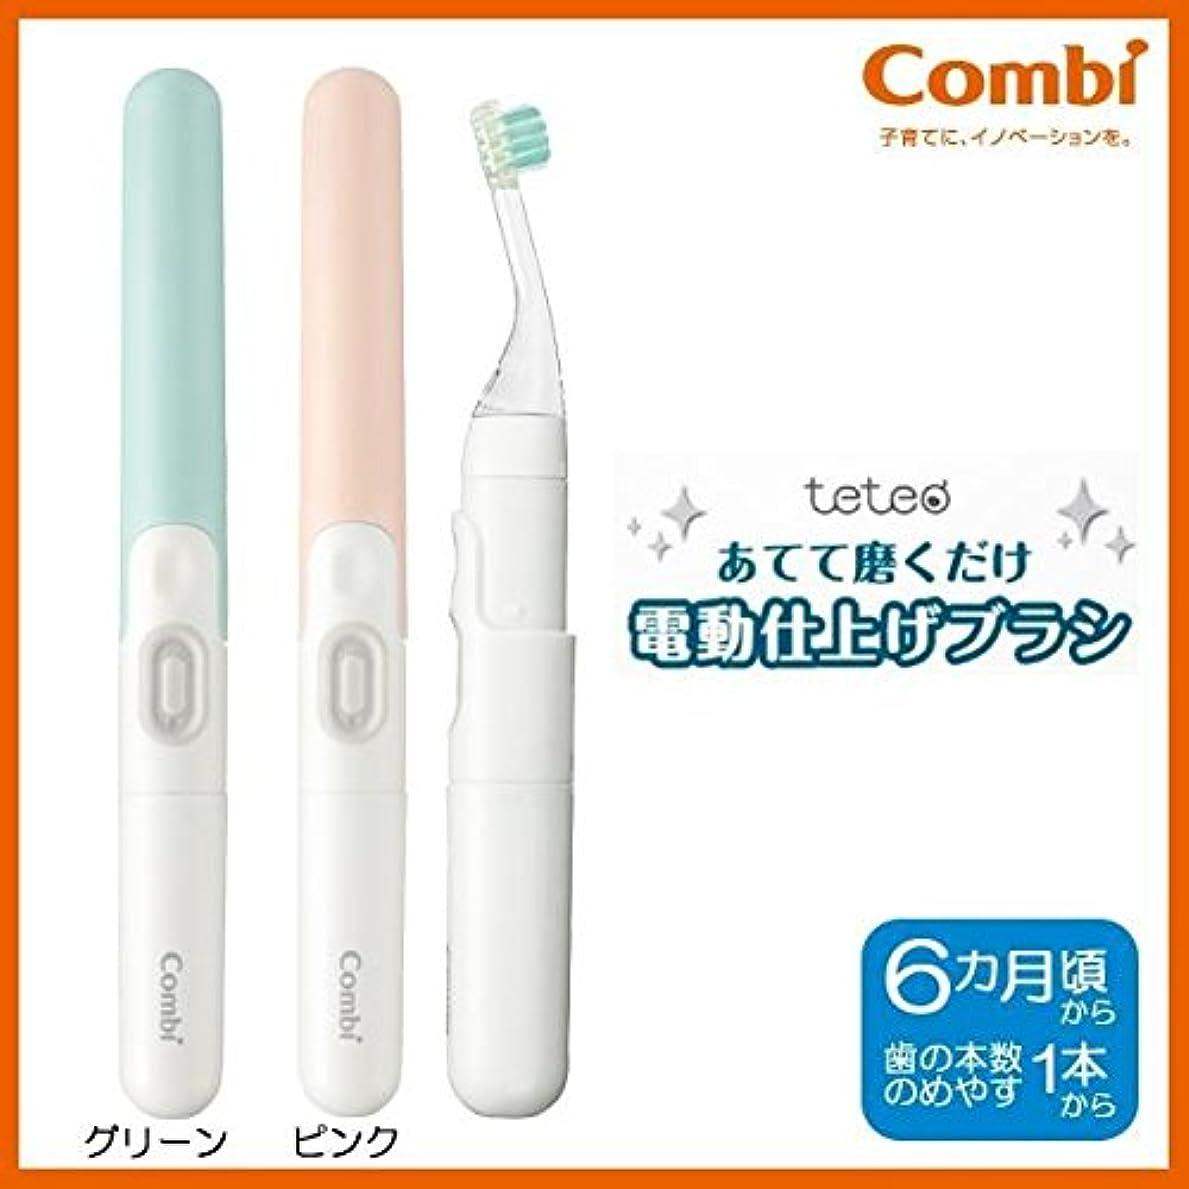 調整ラッカスうがい薬Combi(コンビ) テテオ あてて磨くだけ 電動仕上げブラシ ■2種類の内「グリーン」のみです